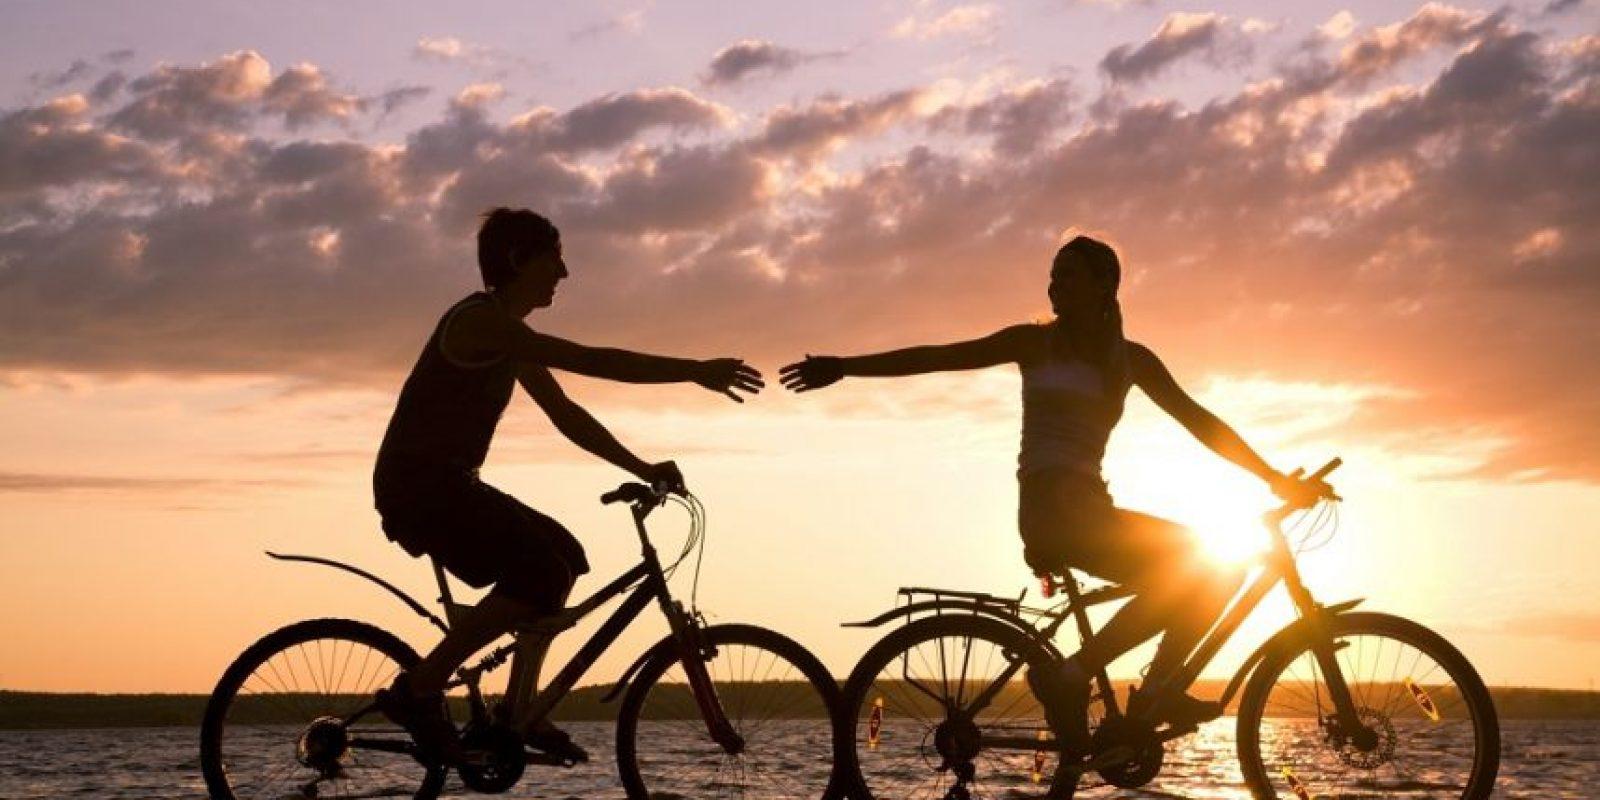 Montar bicicleta es una manera diferente de mantenerte activo. Foto:Fuente externa